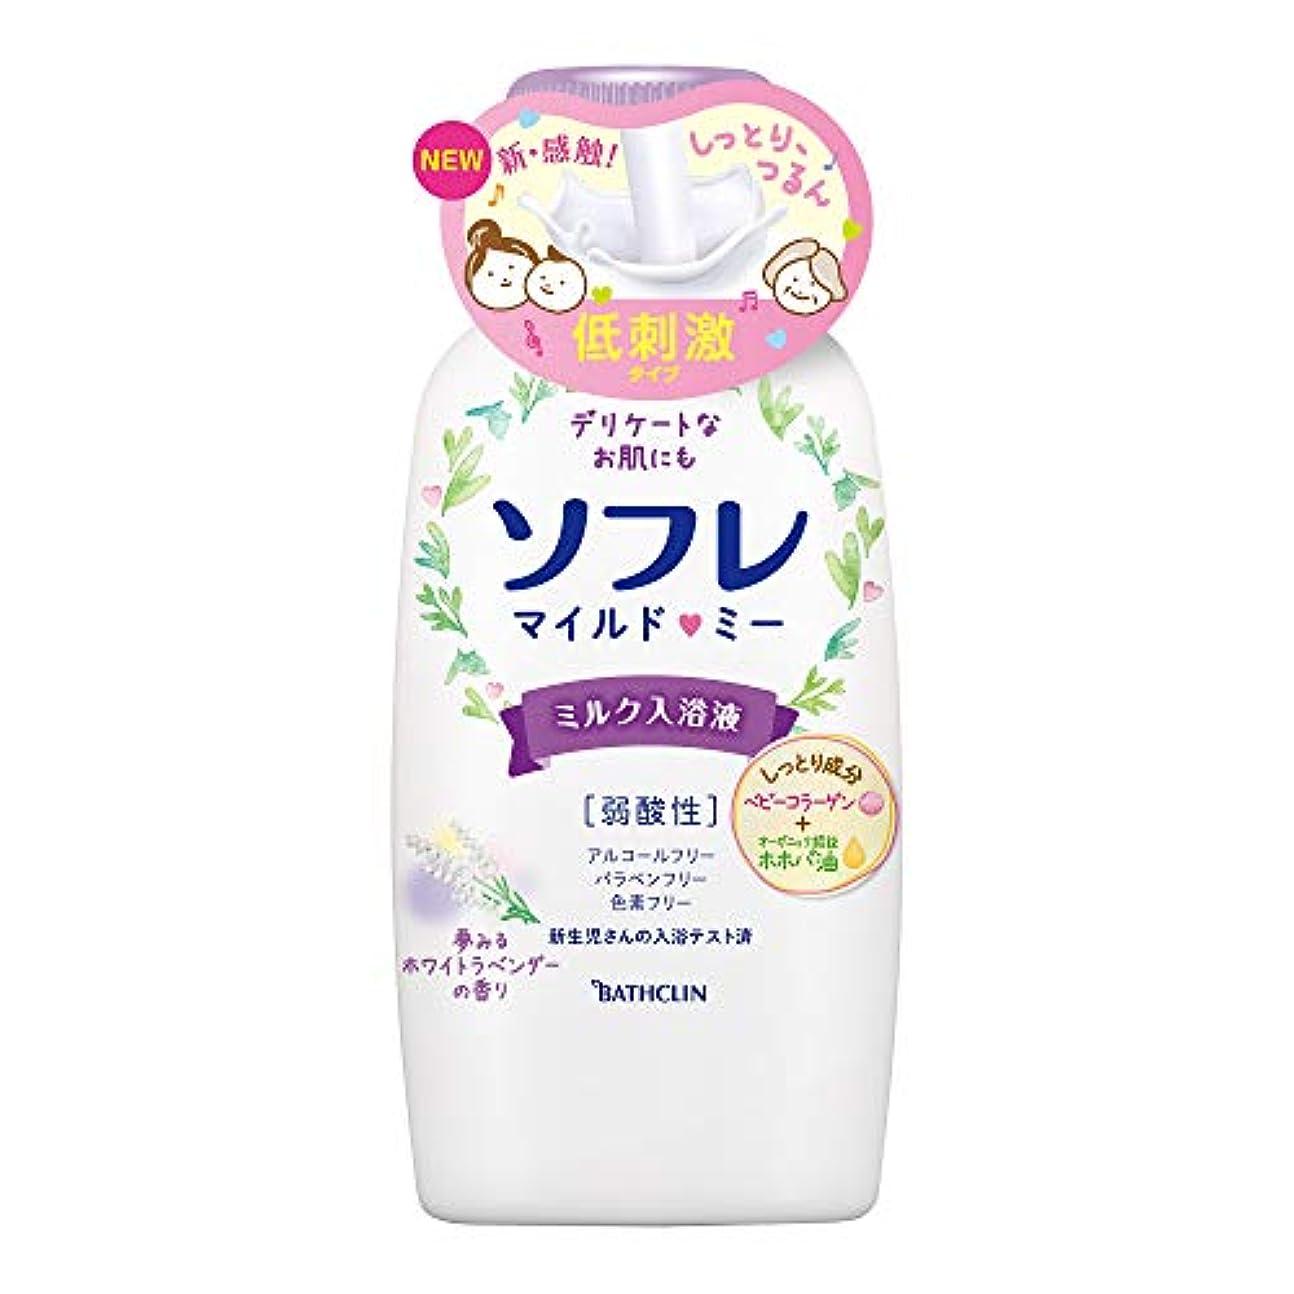 囚人特許輝度バスクリン ソフレ入浴液 マイルド?ミー ミルク 夢みるホワイトラベンダーの香り 本体720mL保湿 成分配合 赤ちゃんと一緒に使えます。